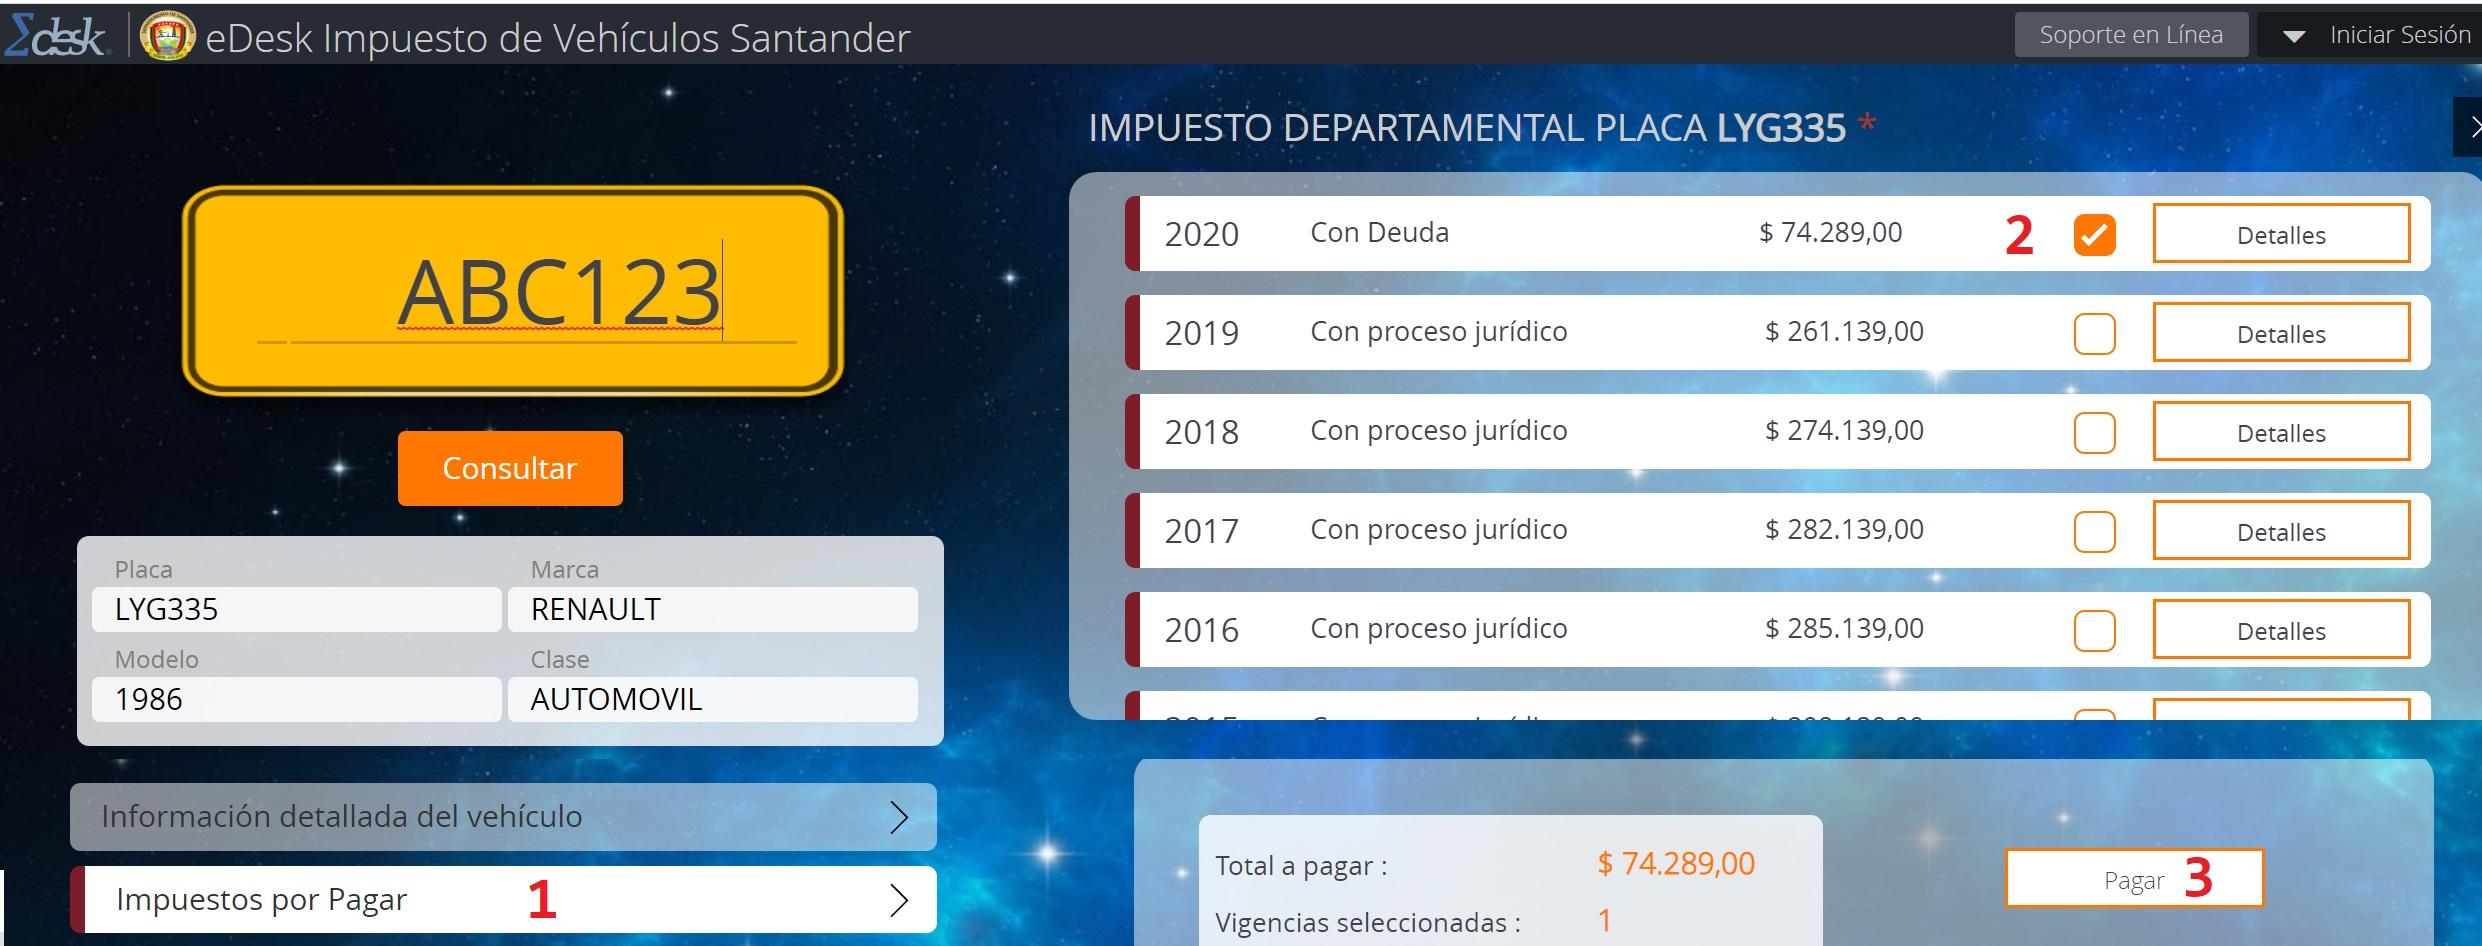 impuesto de vehículos de Santander